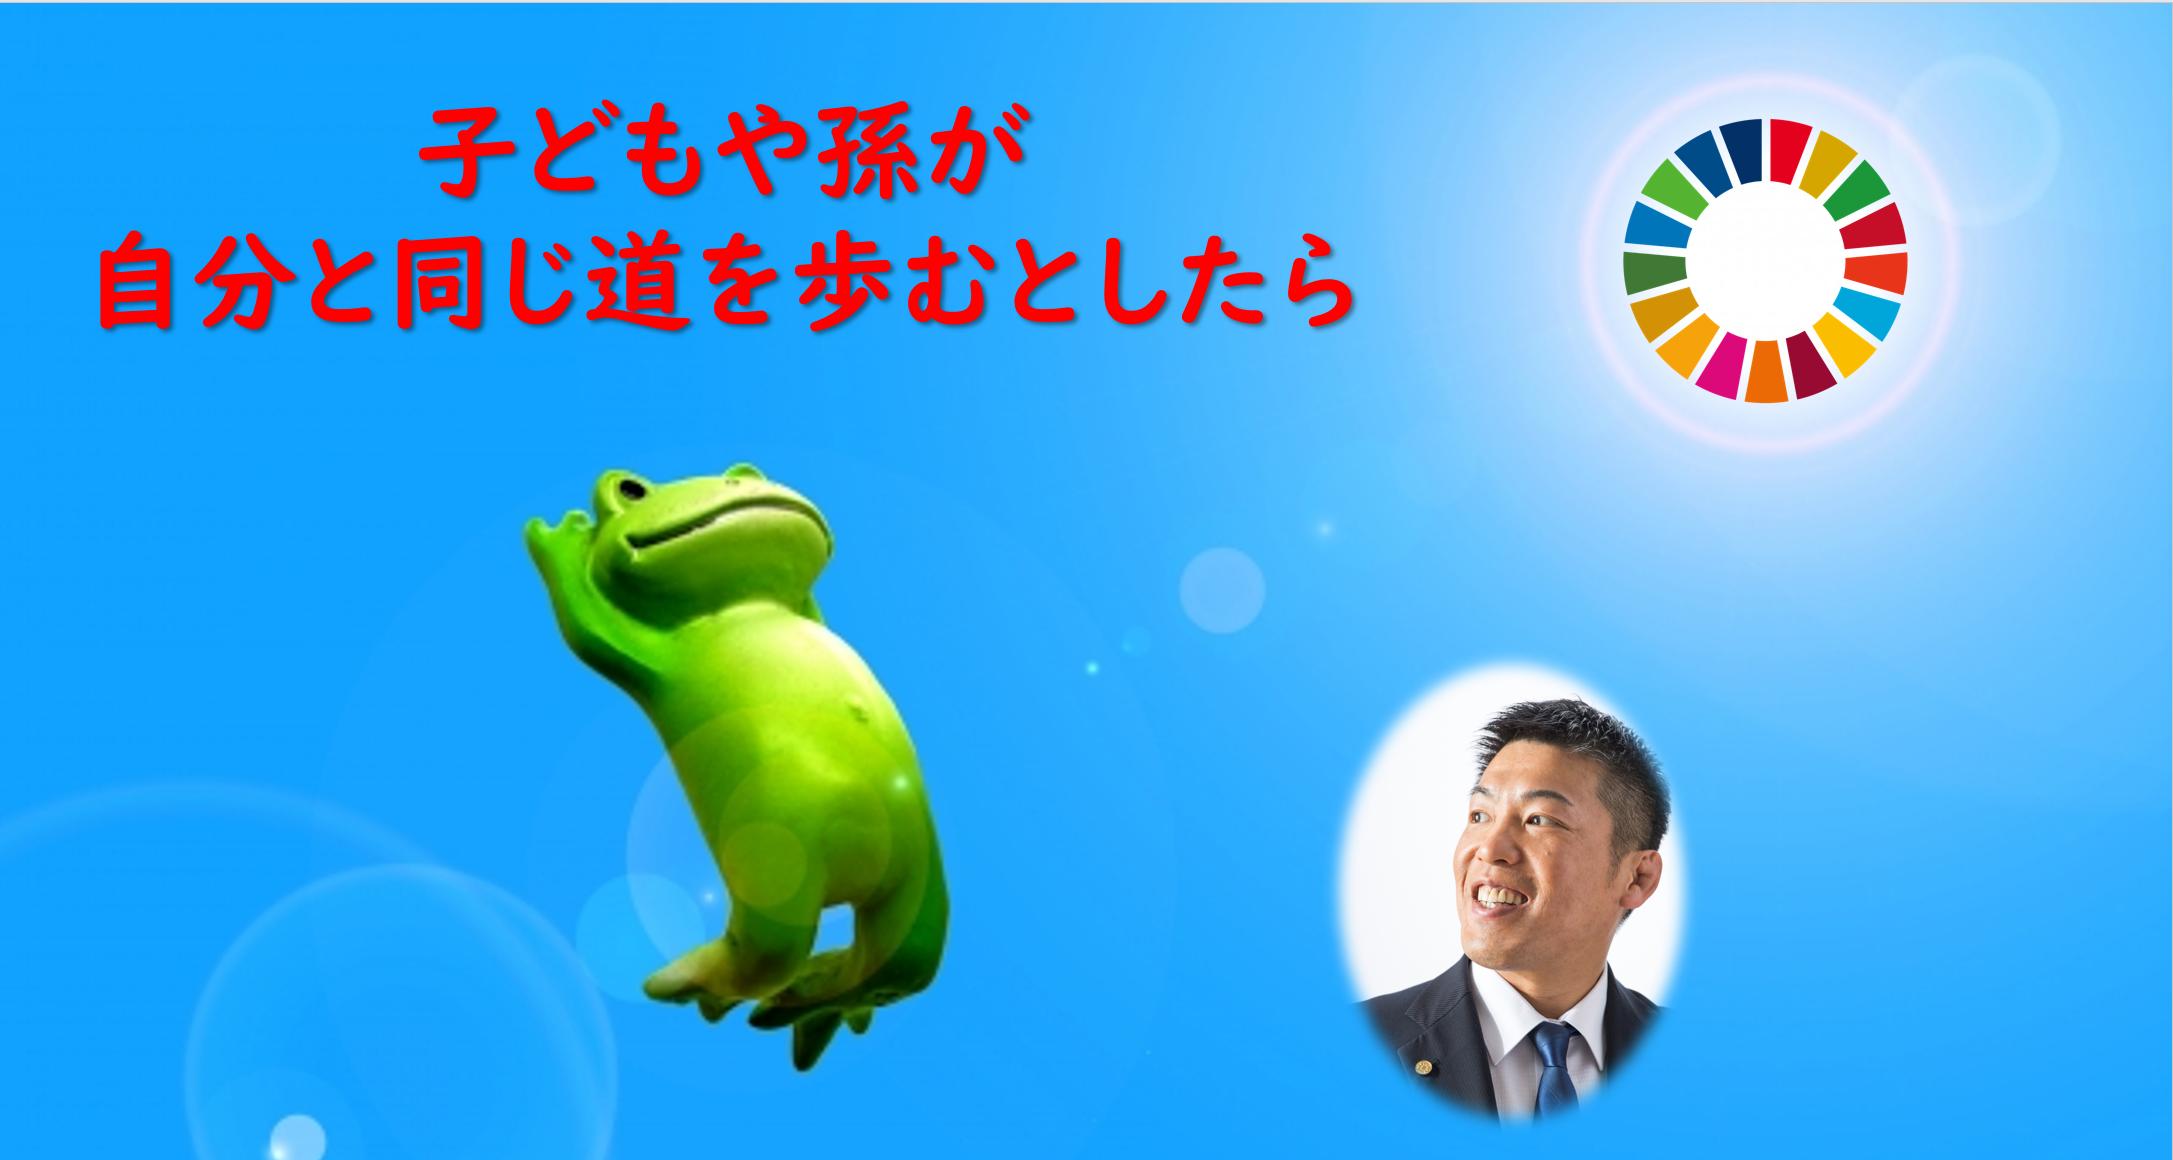 サムネ 輪島功一 孫 KOデビュー SDGs